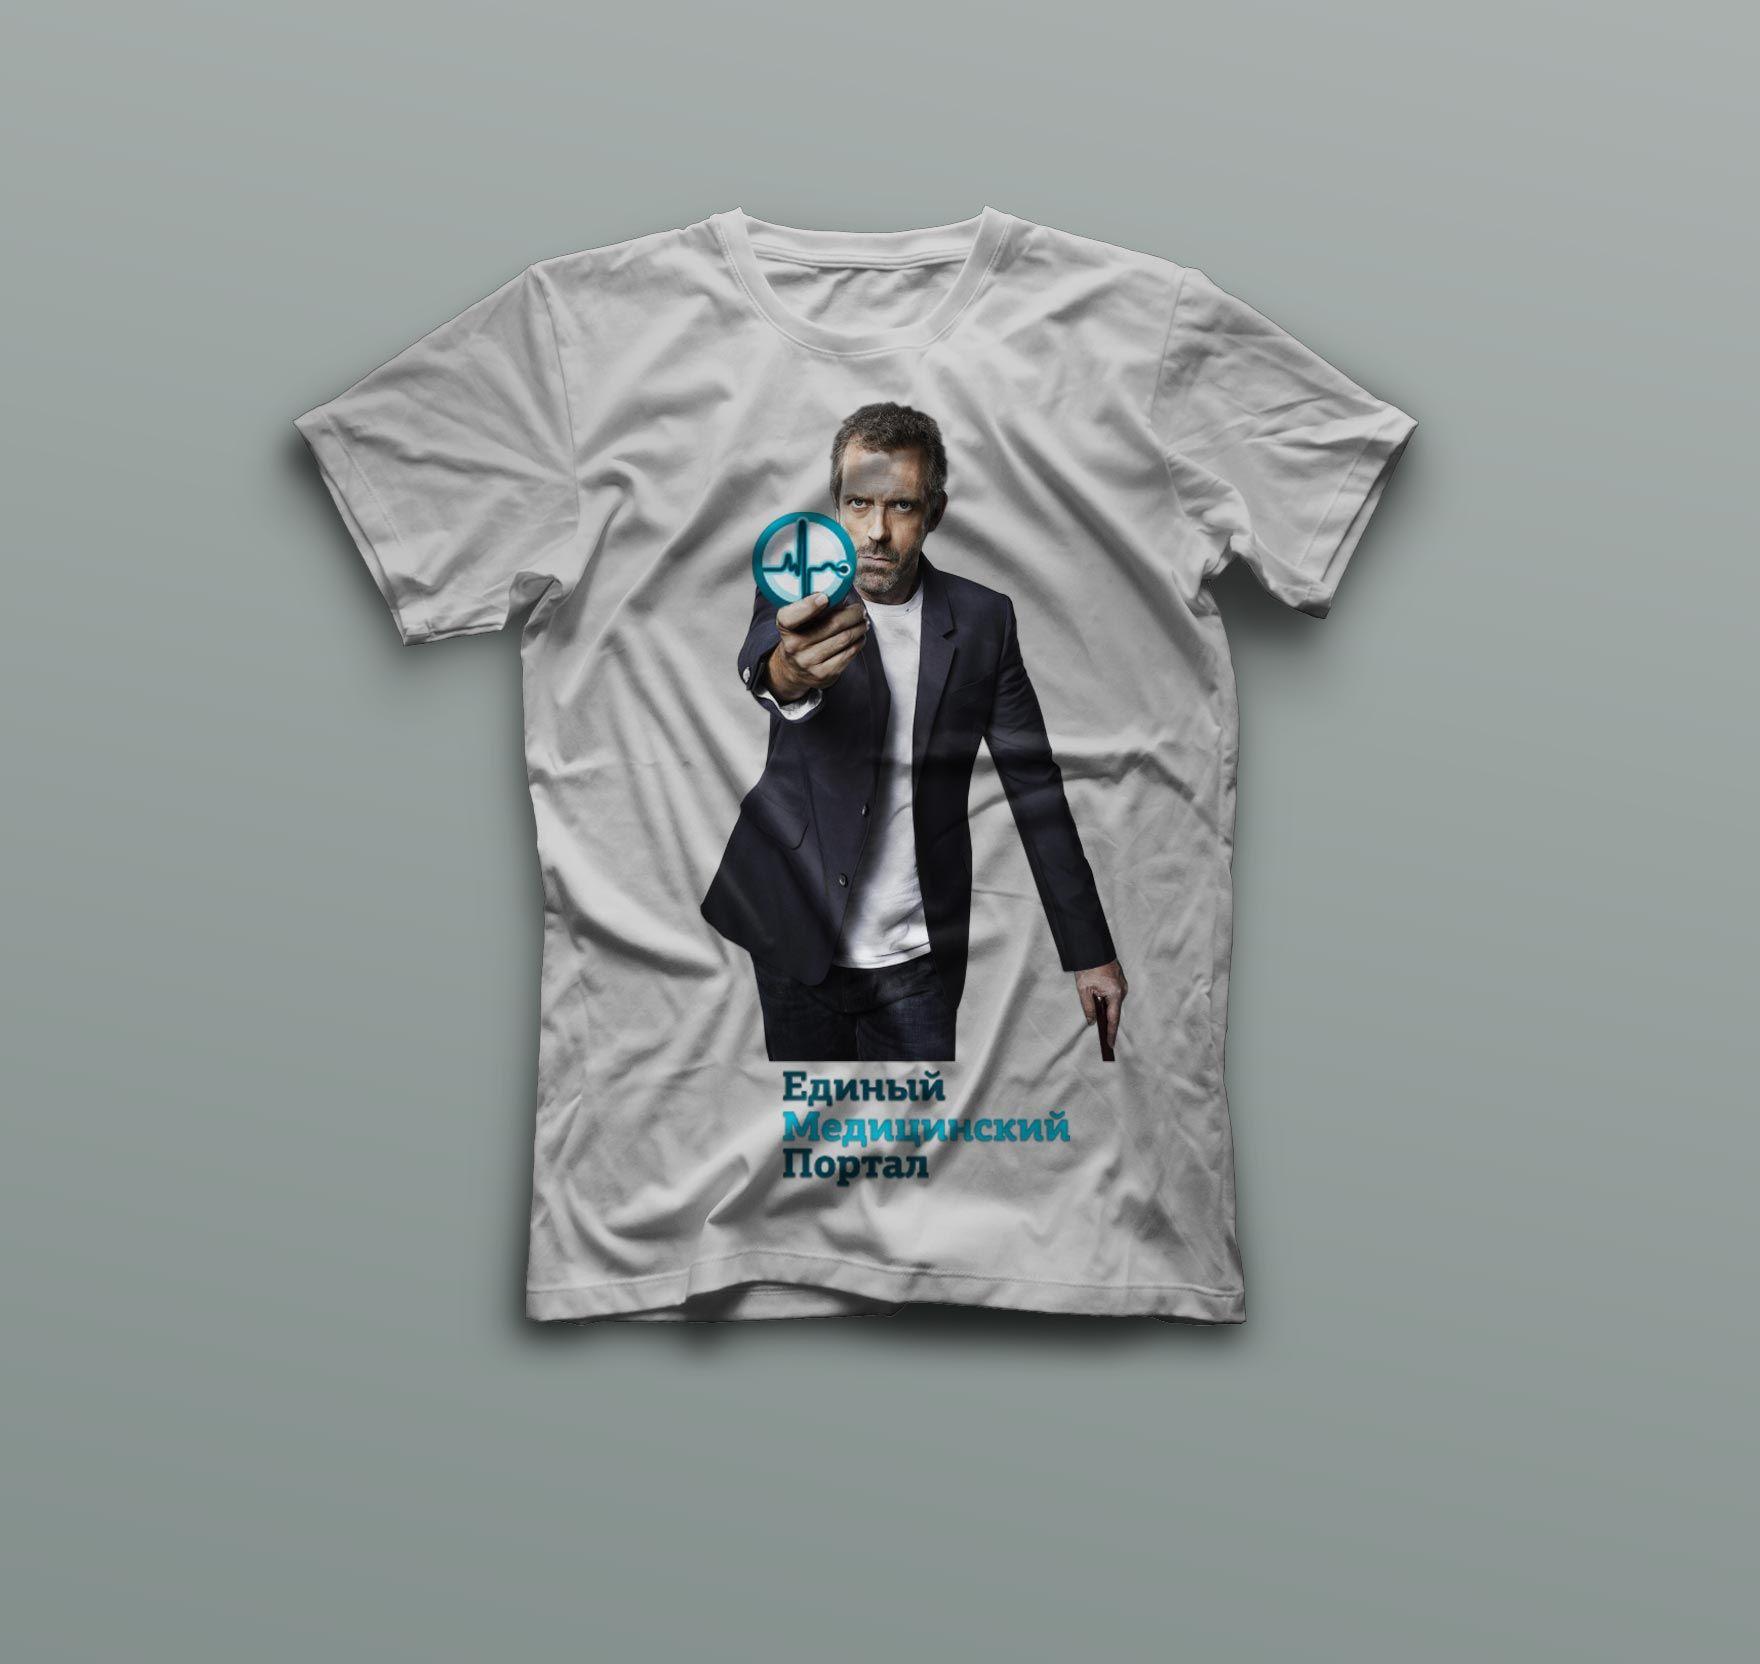 Разработка принтов для футболок - дизайнер TerWeb